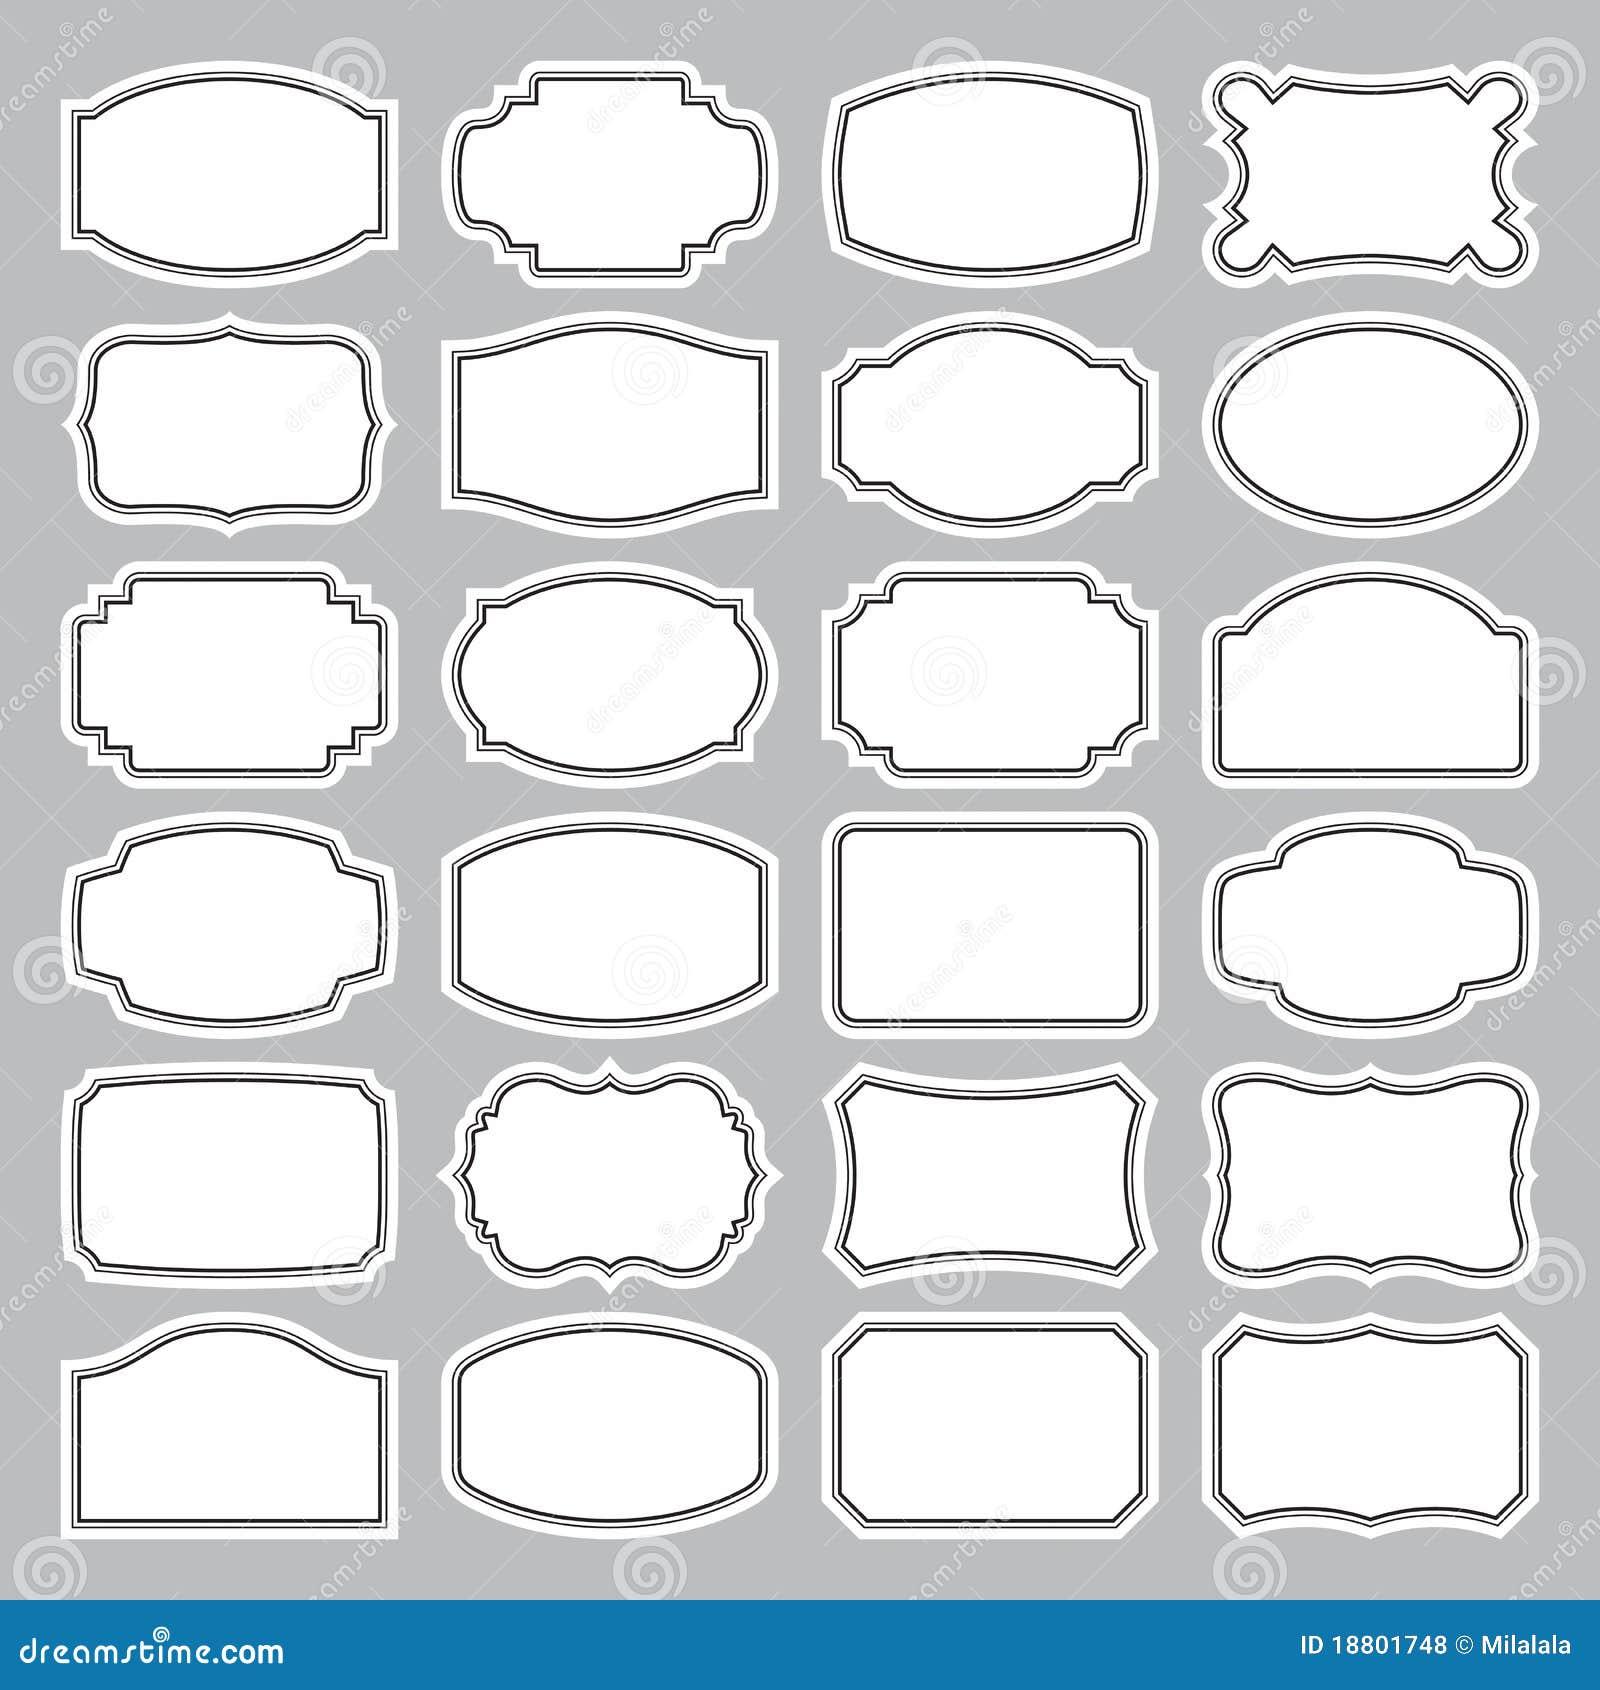 Kitchen Design Templates Printable